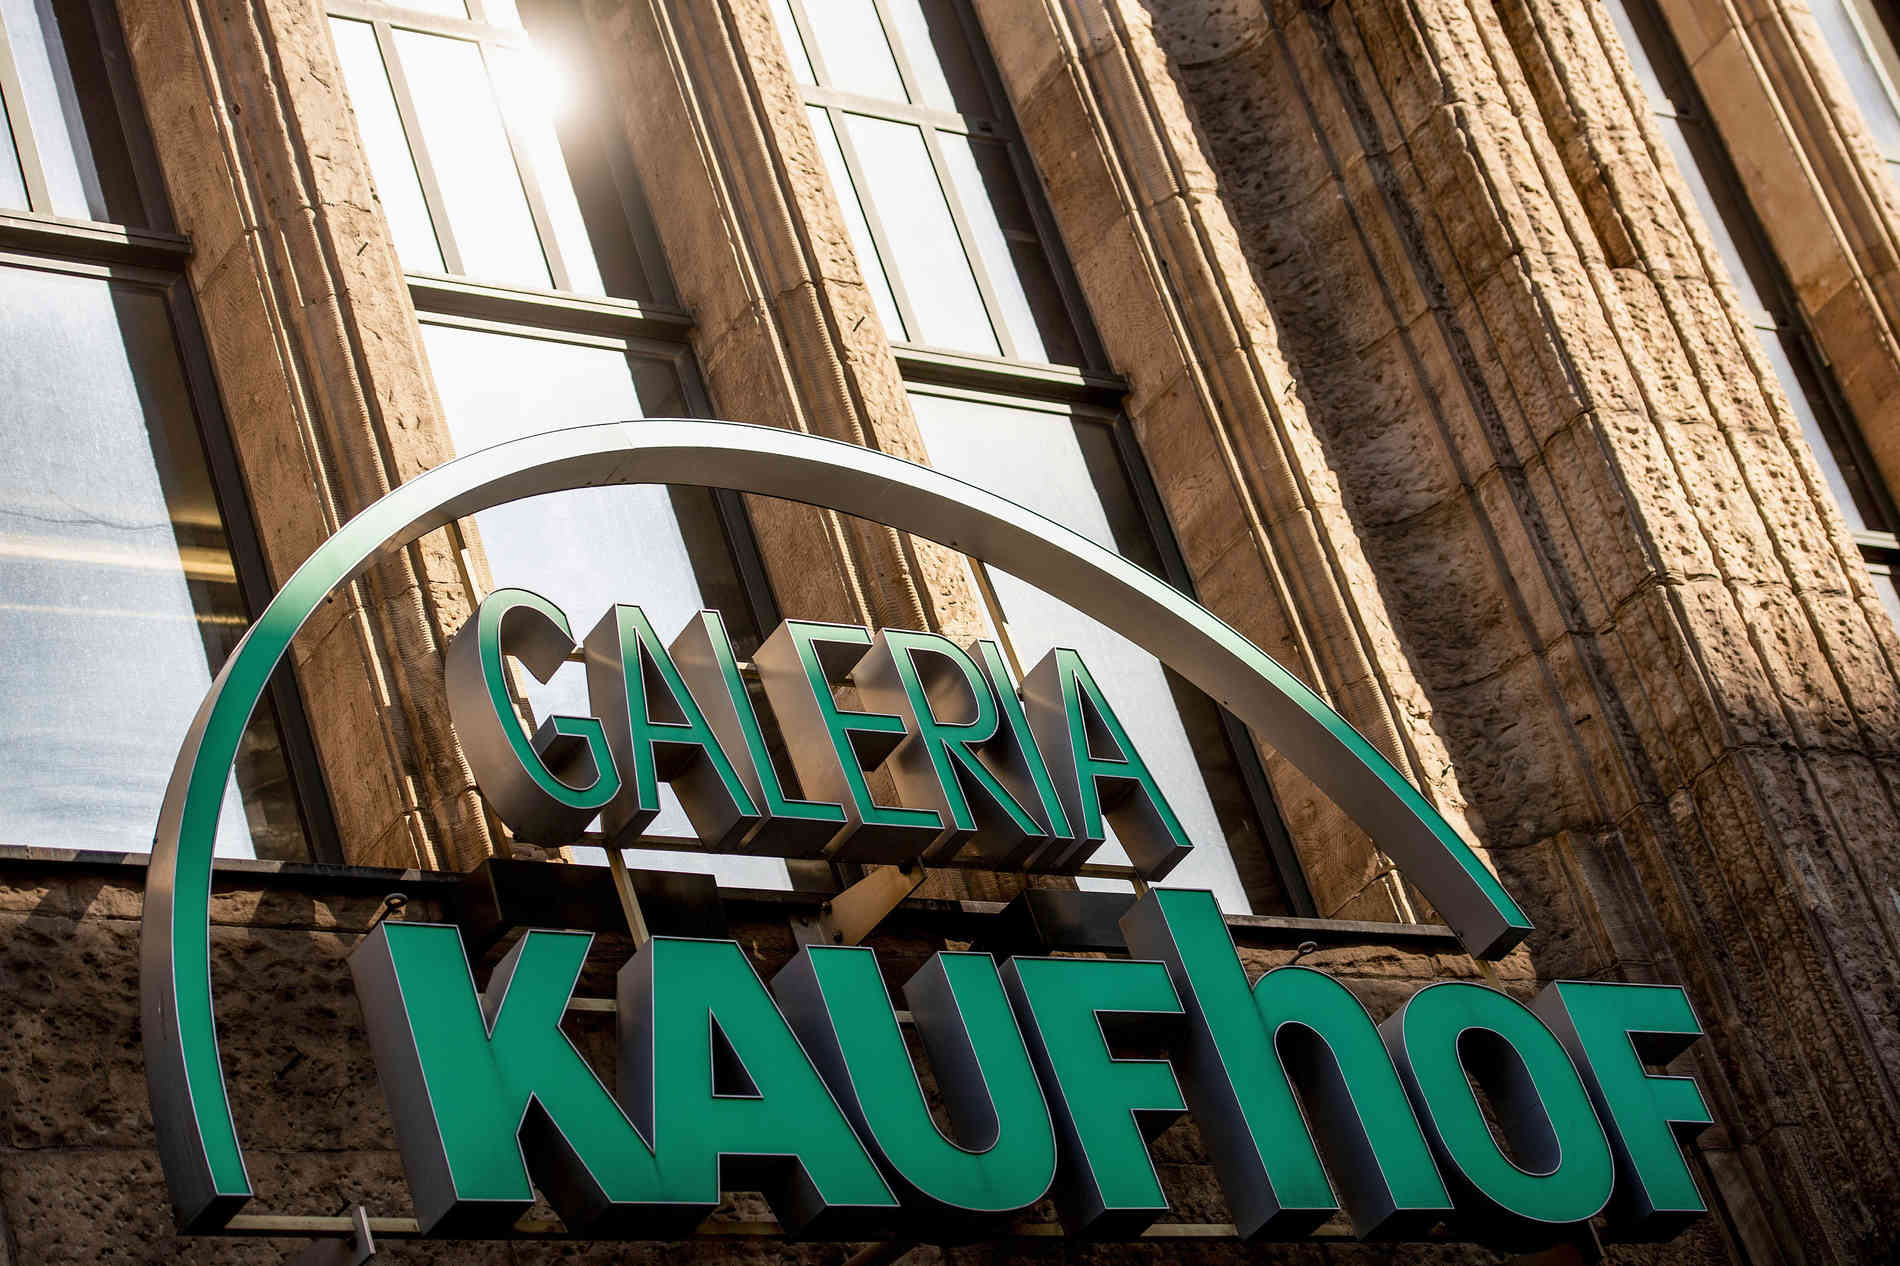 galeria kaufhof wesel